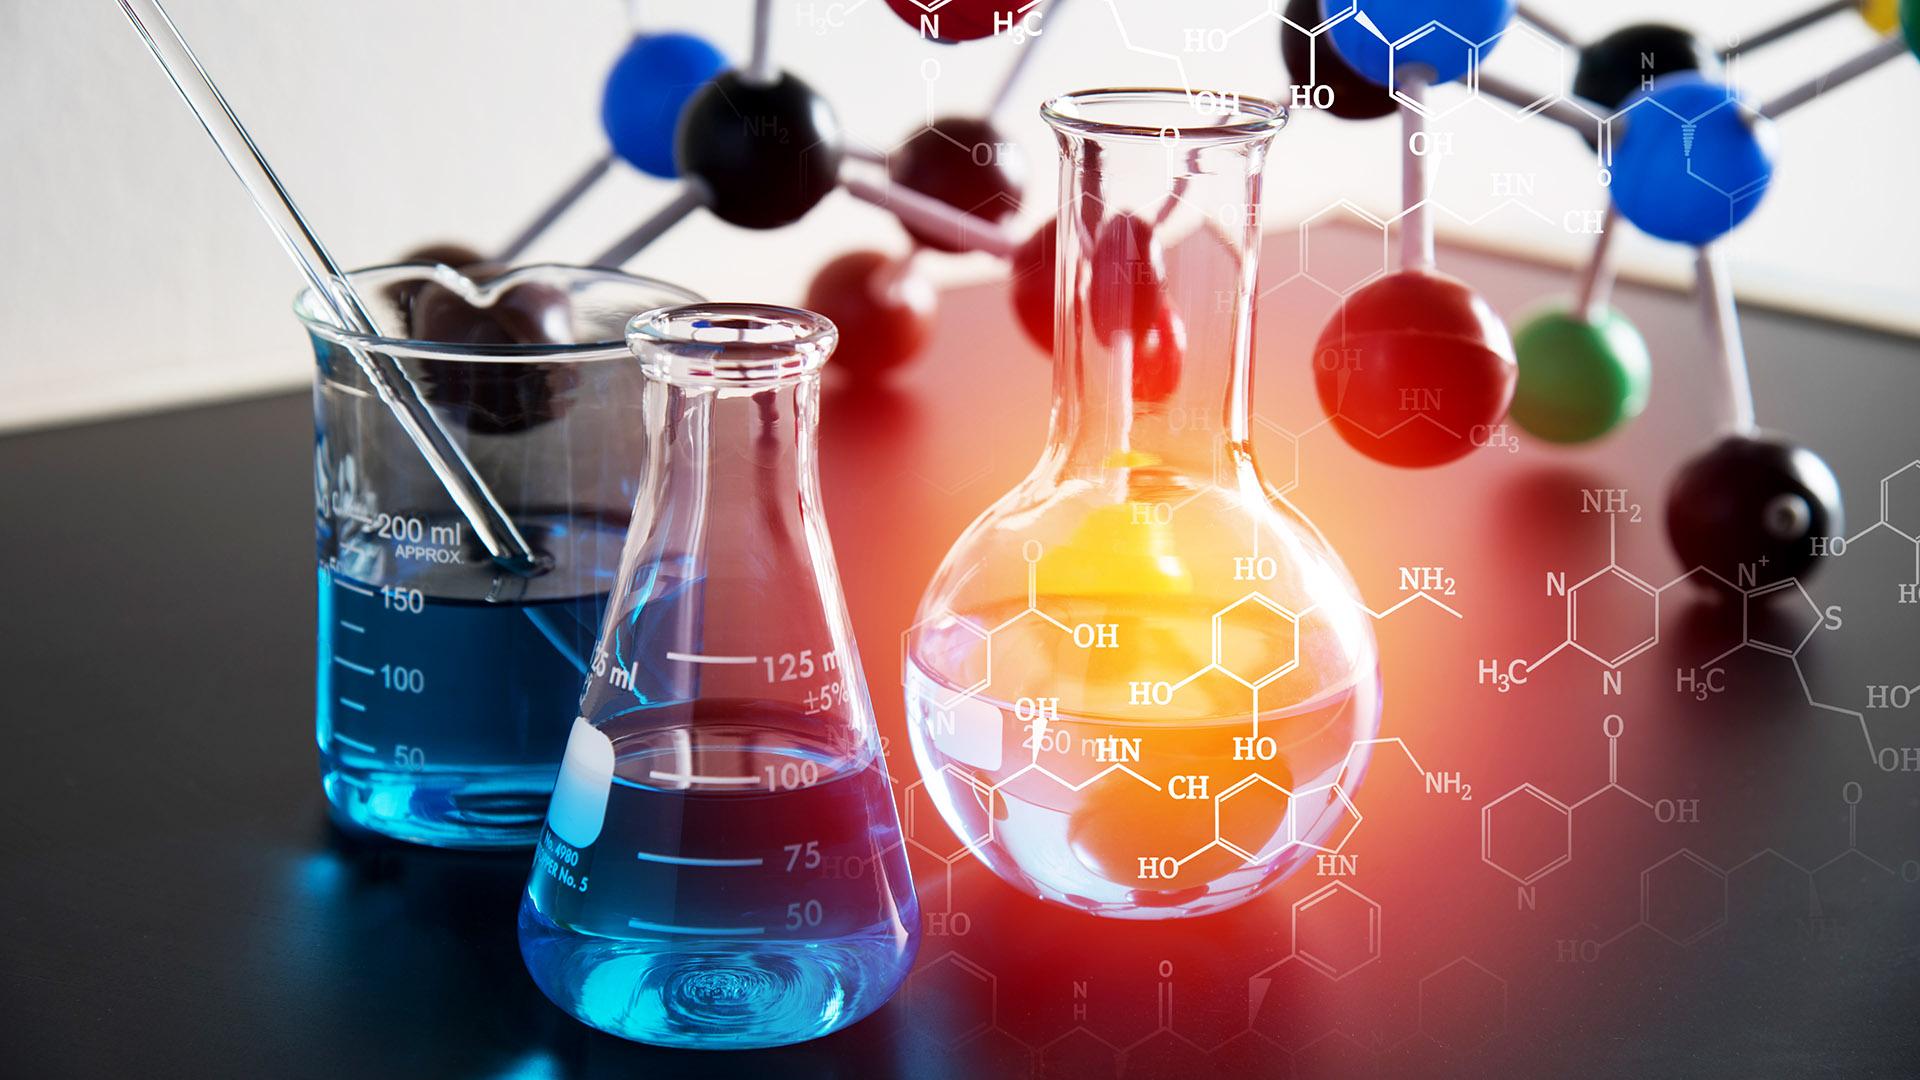 a kémia érettségi felkészülést segíti az interaktív periódusos rendszer